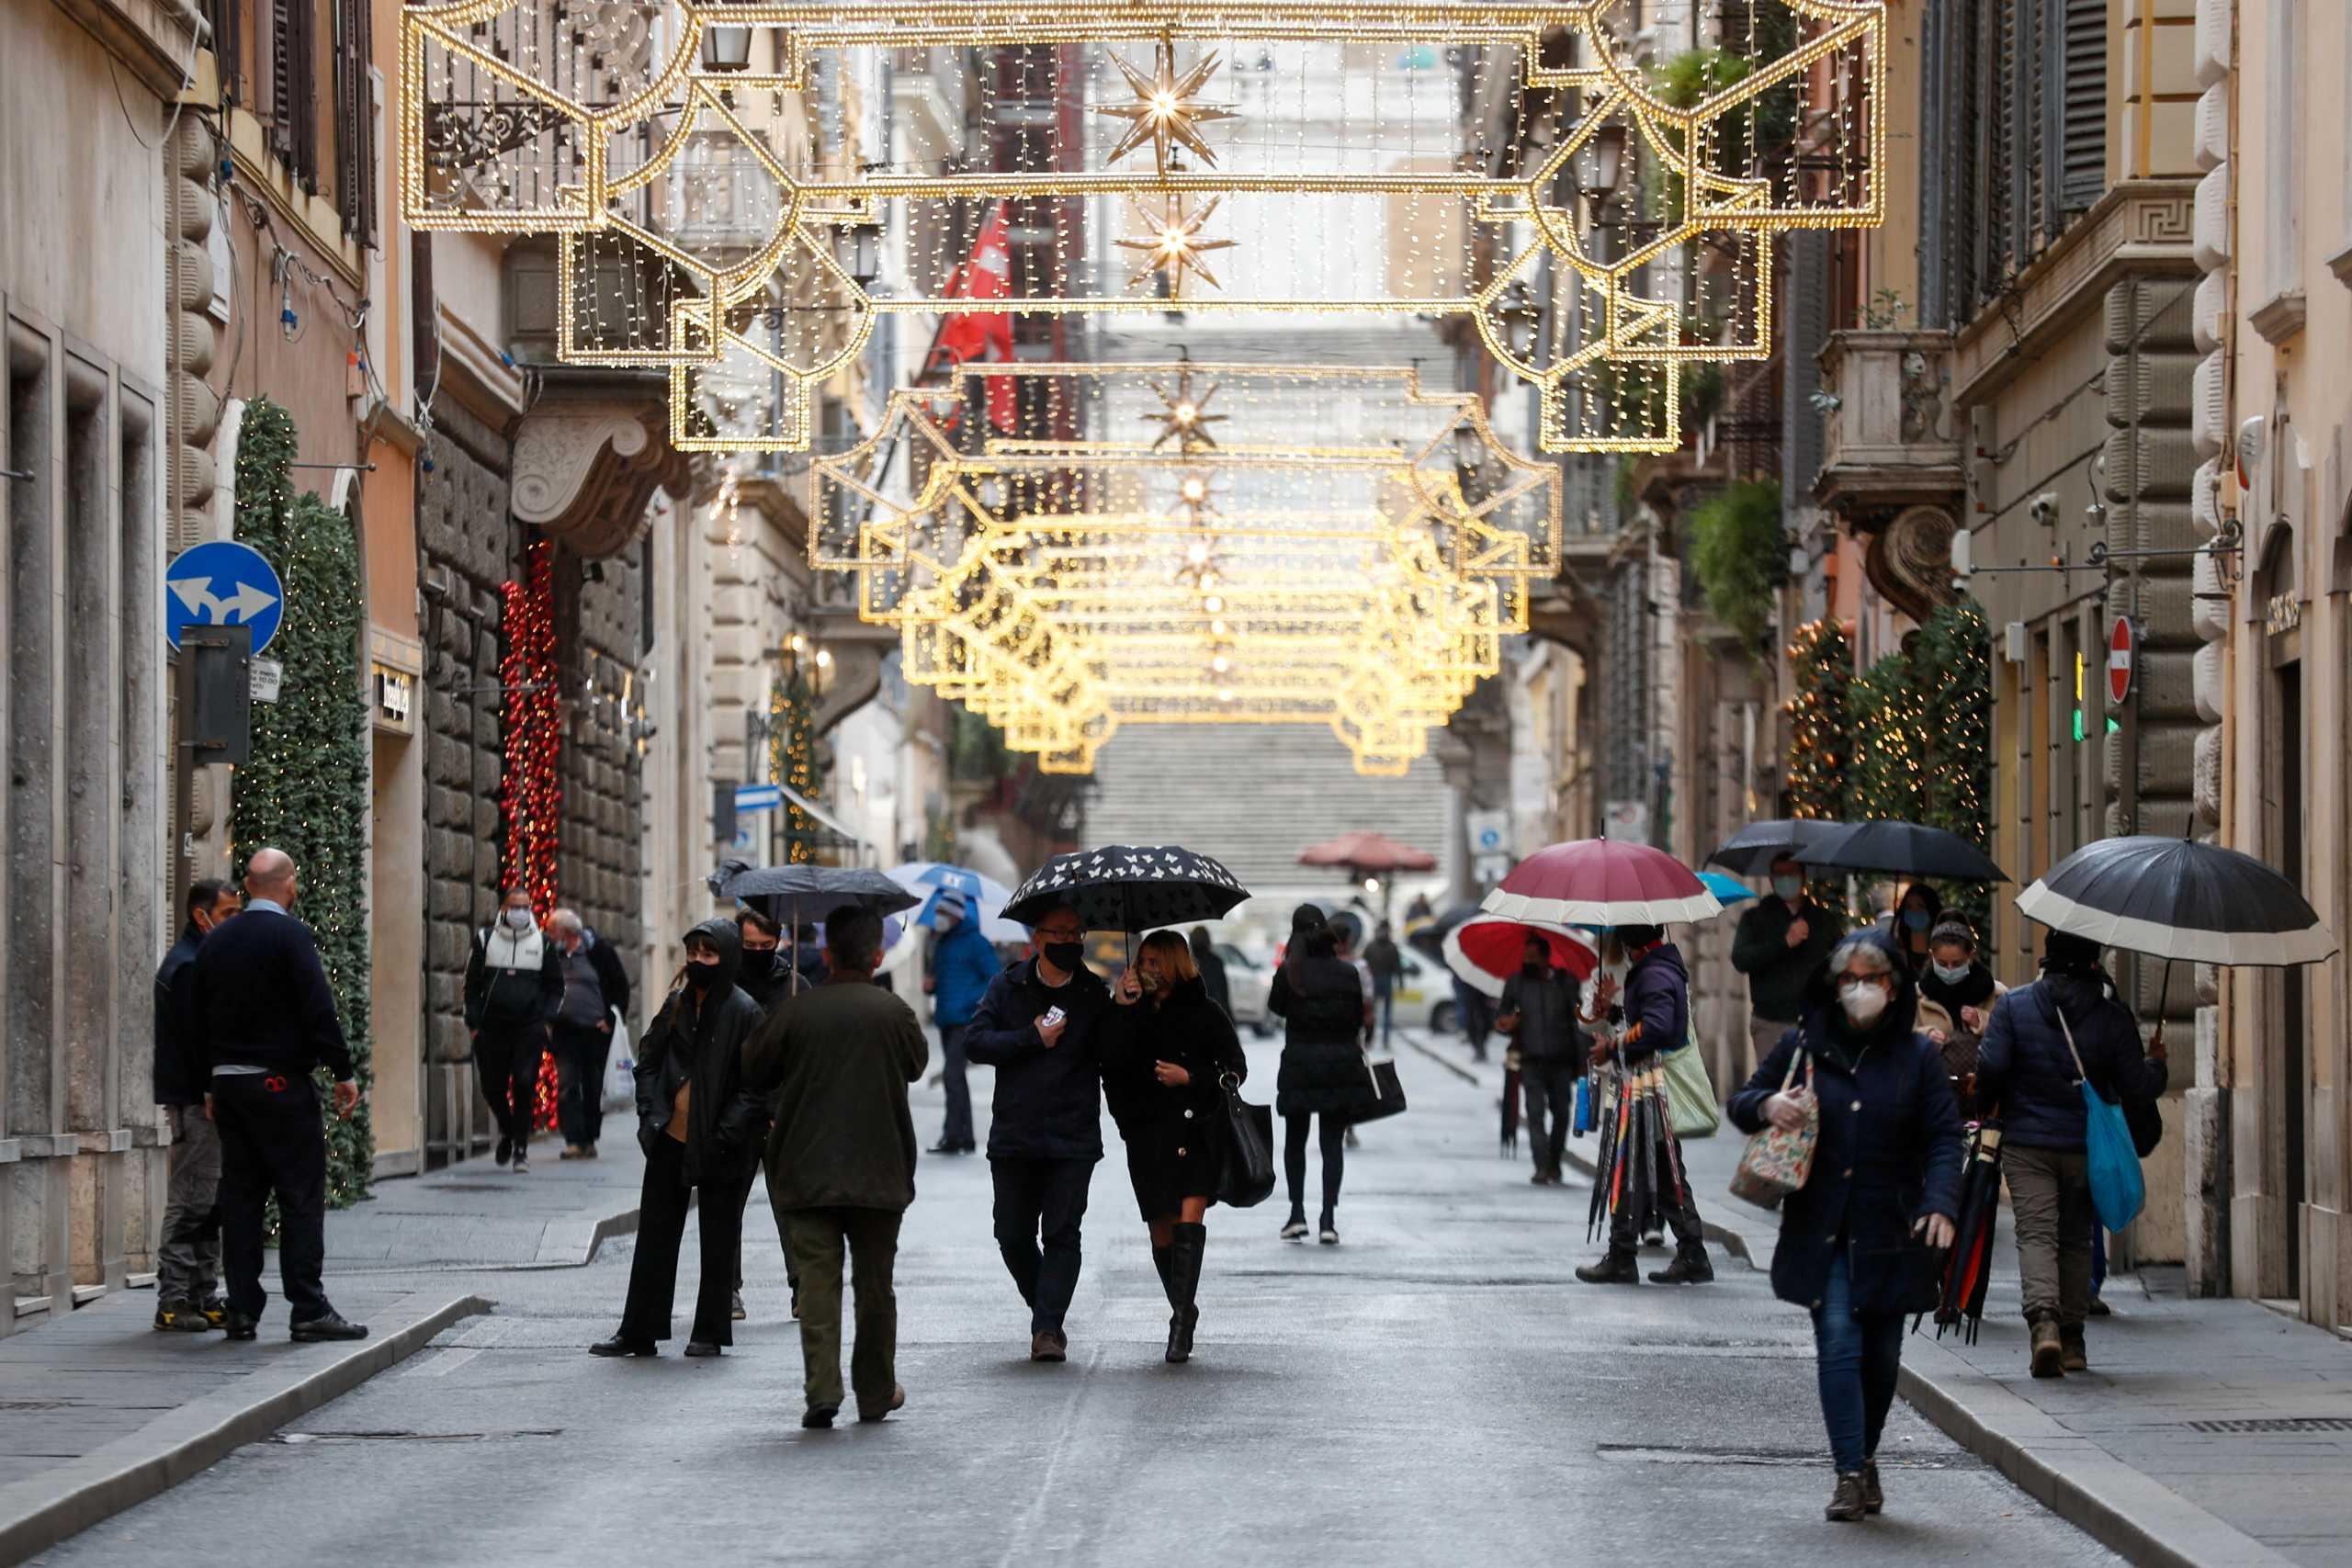 Ιταλία: Σκληρά μέτρα τα Σαββατοκύριακα και… χαλαρά τις καθημερινές